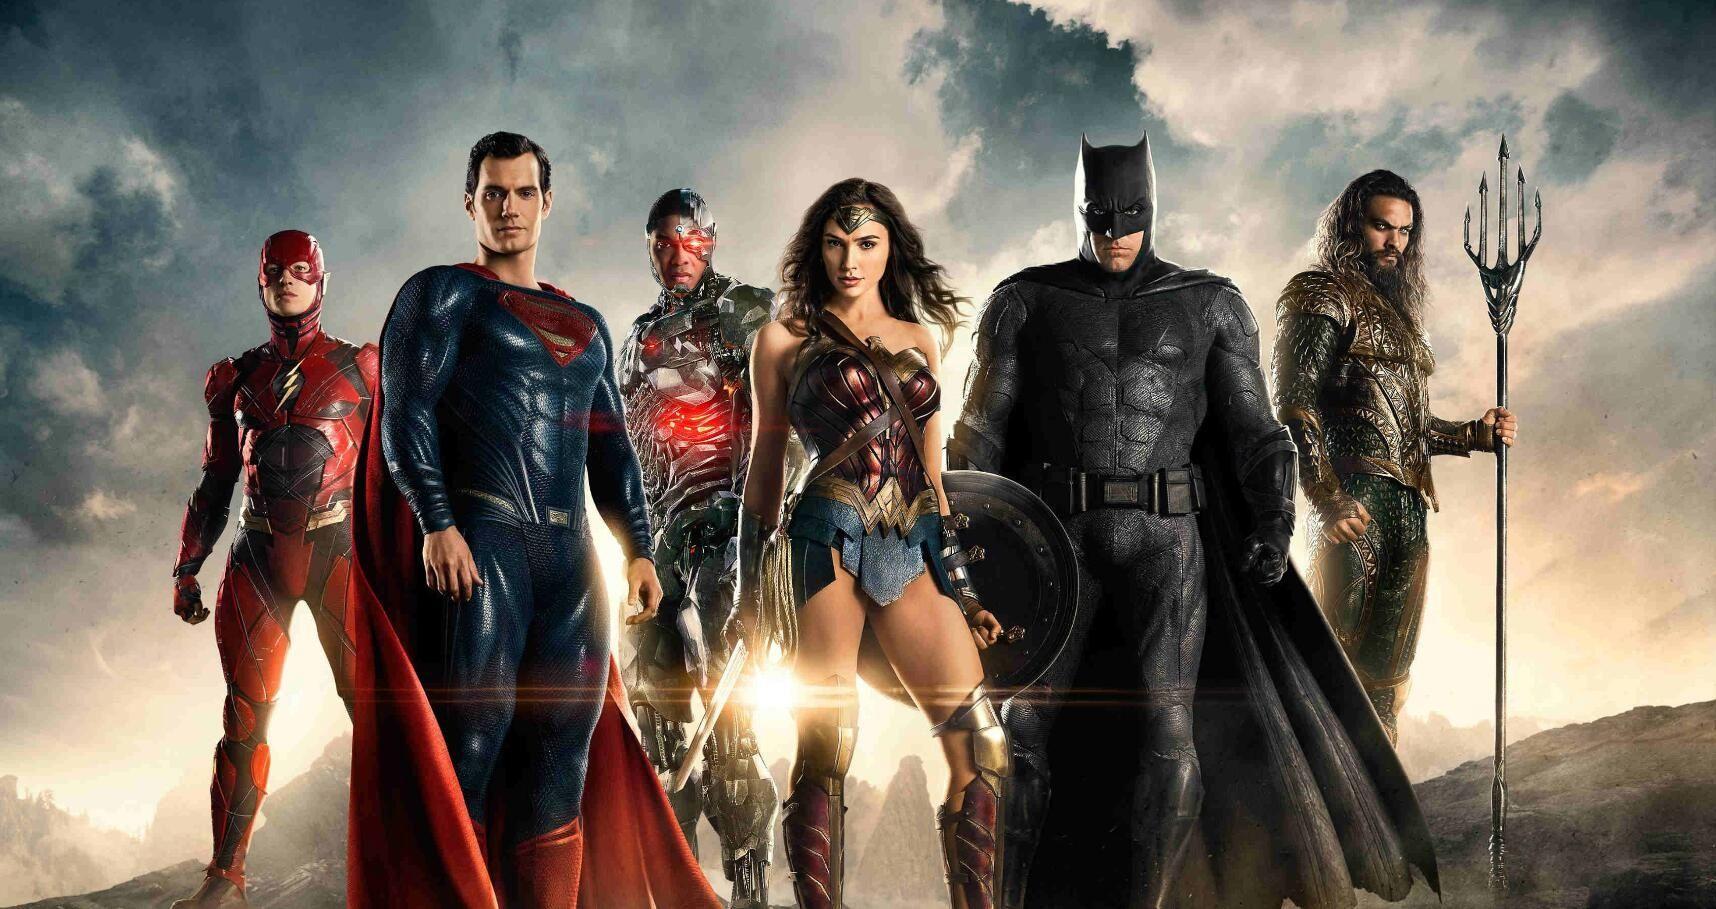 DC公布未来计划:《正联2》《钢骨》等片集体消失